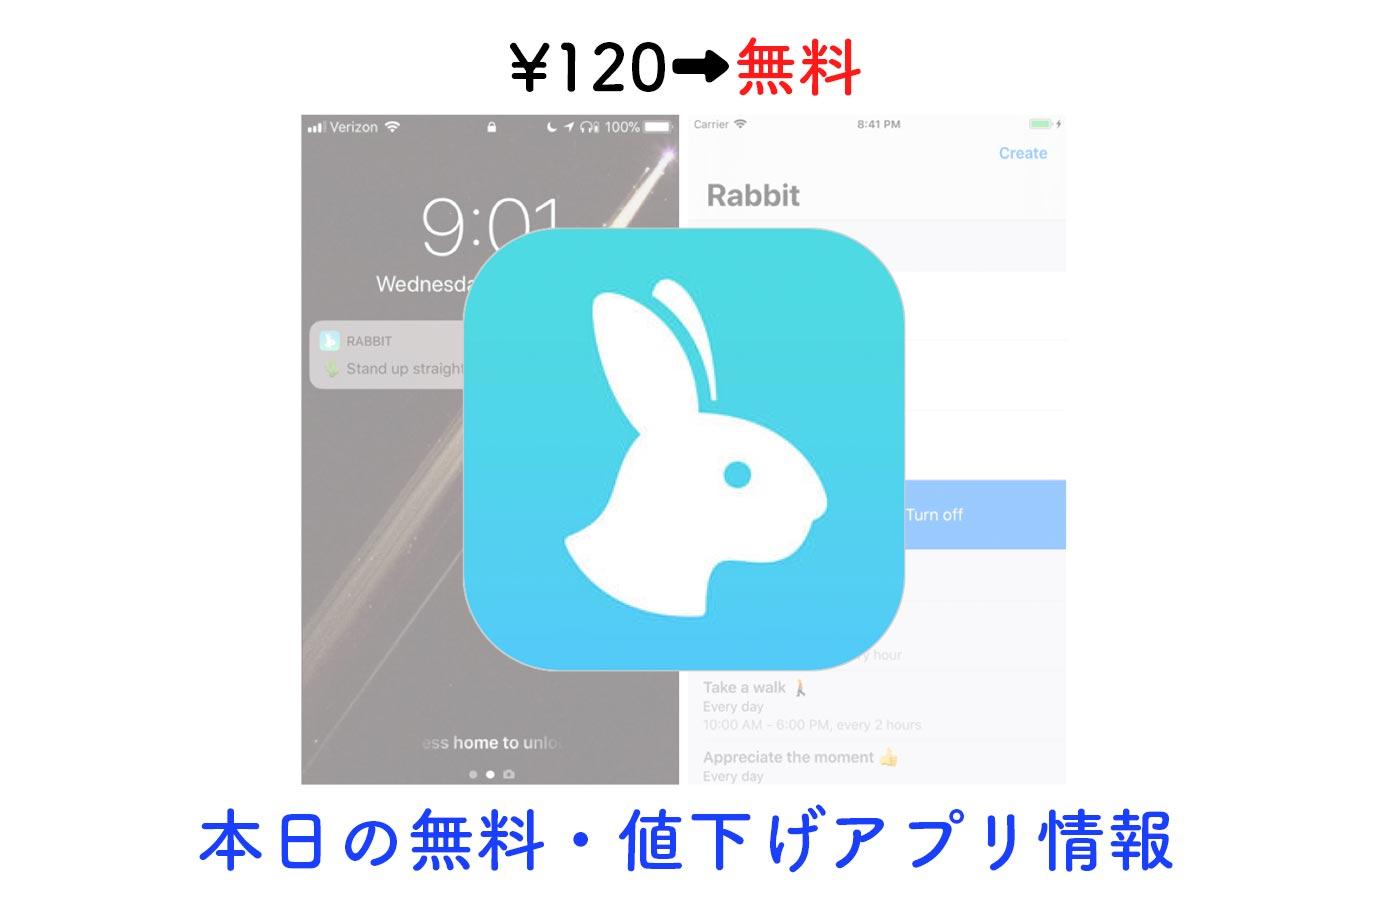 ¥120→無料、定期的に通知をして習慣化に役立つリマインダー「Rabbit」など【12/14】本日の無料・値下げアプリ情報